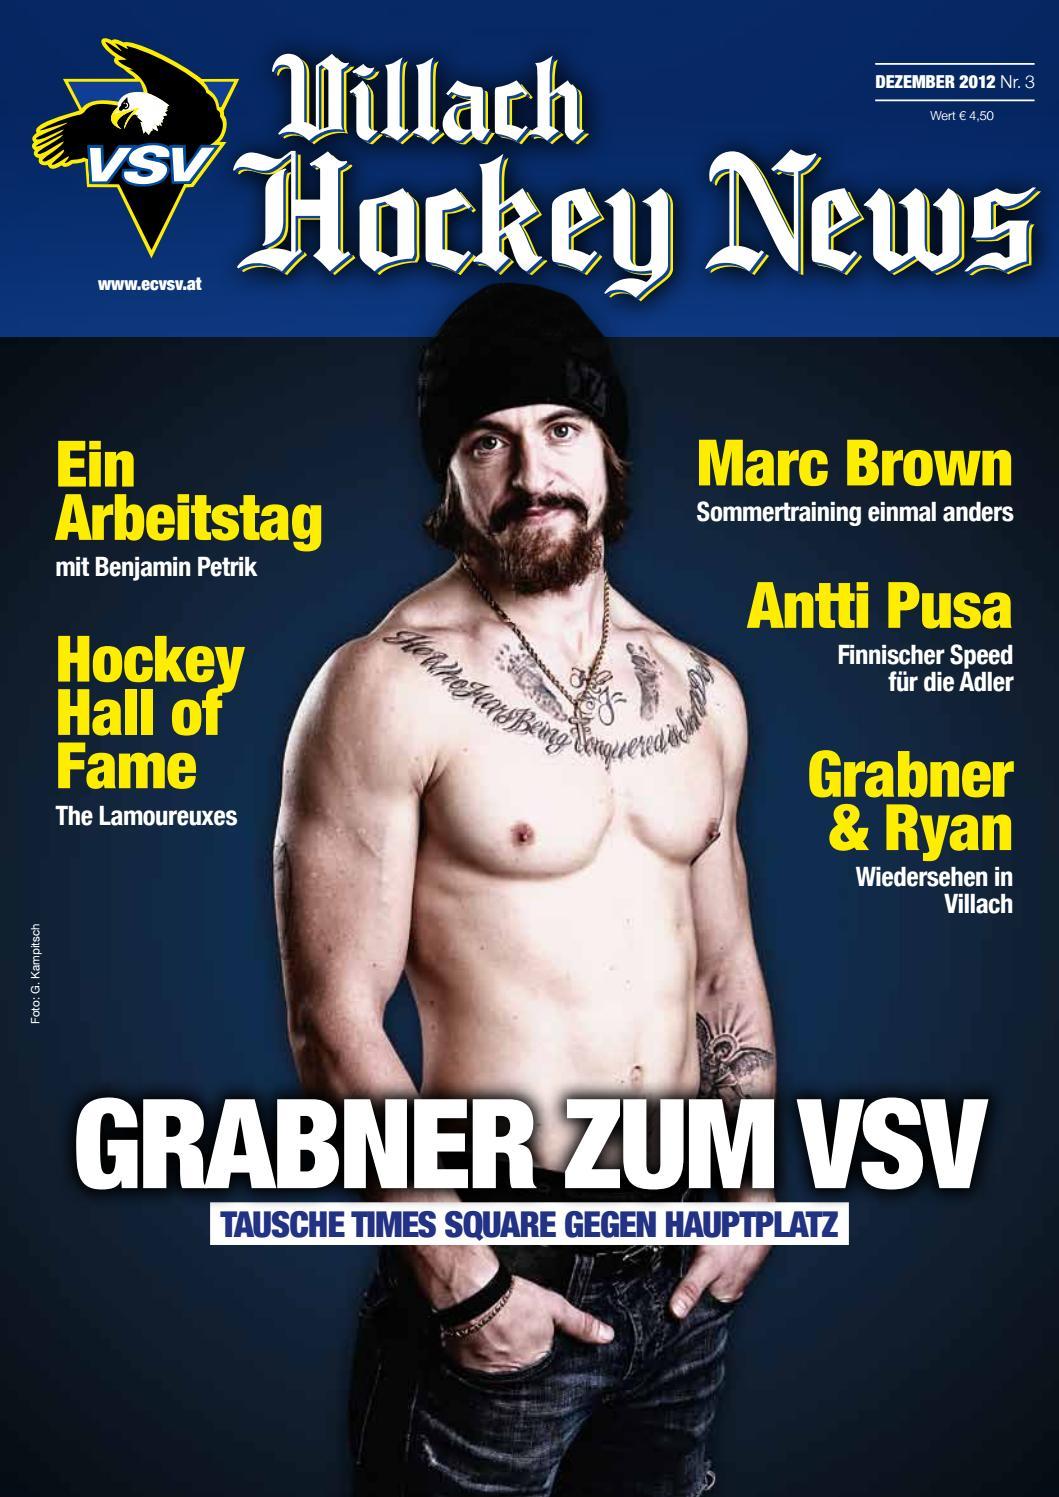 Villach Hockey News - Ausgabe 3 - 12/2012 by Eishockeyclub VSV - issuu